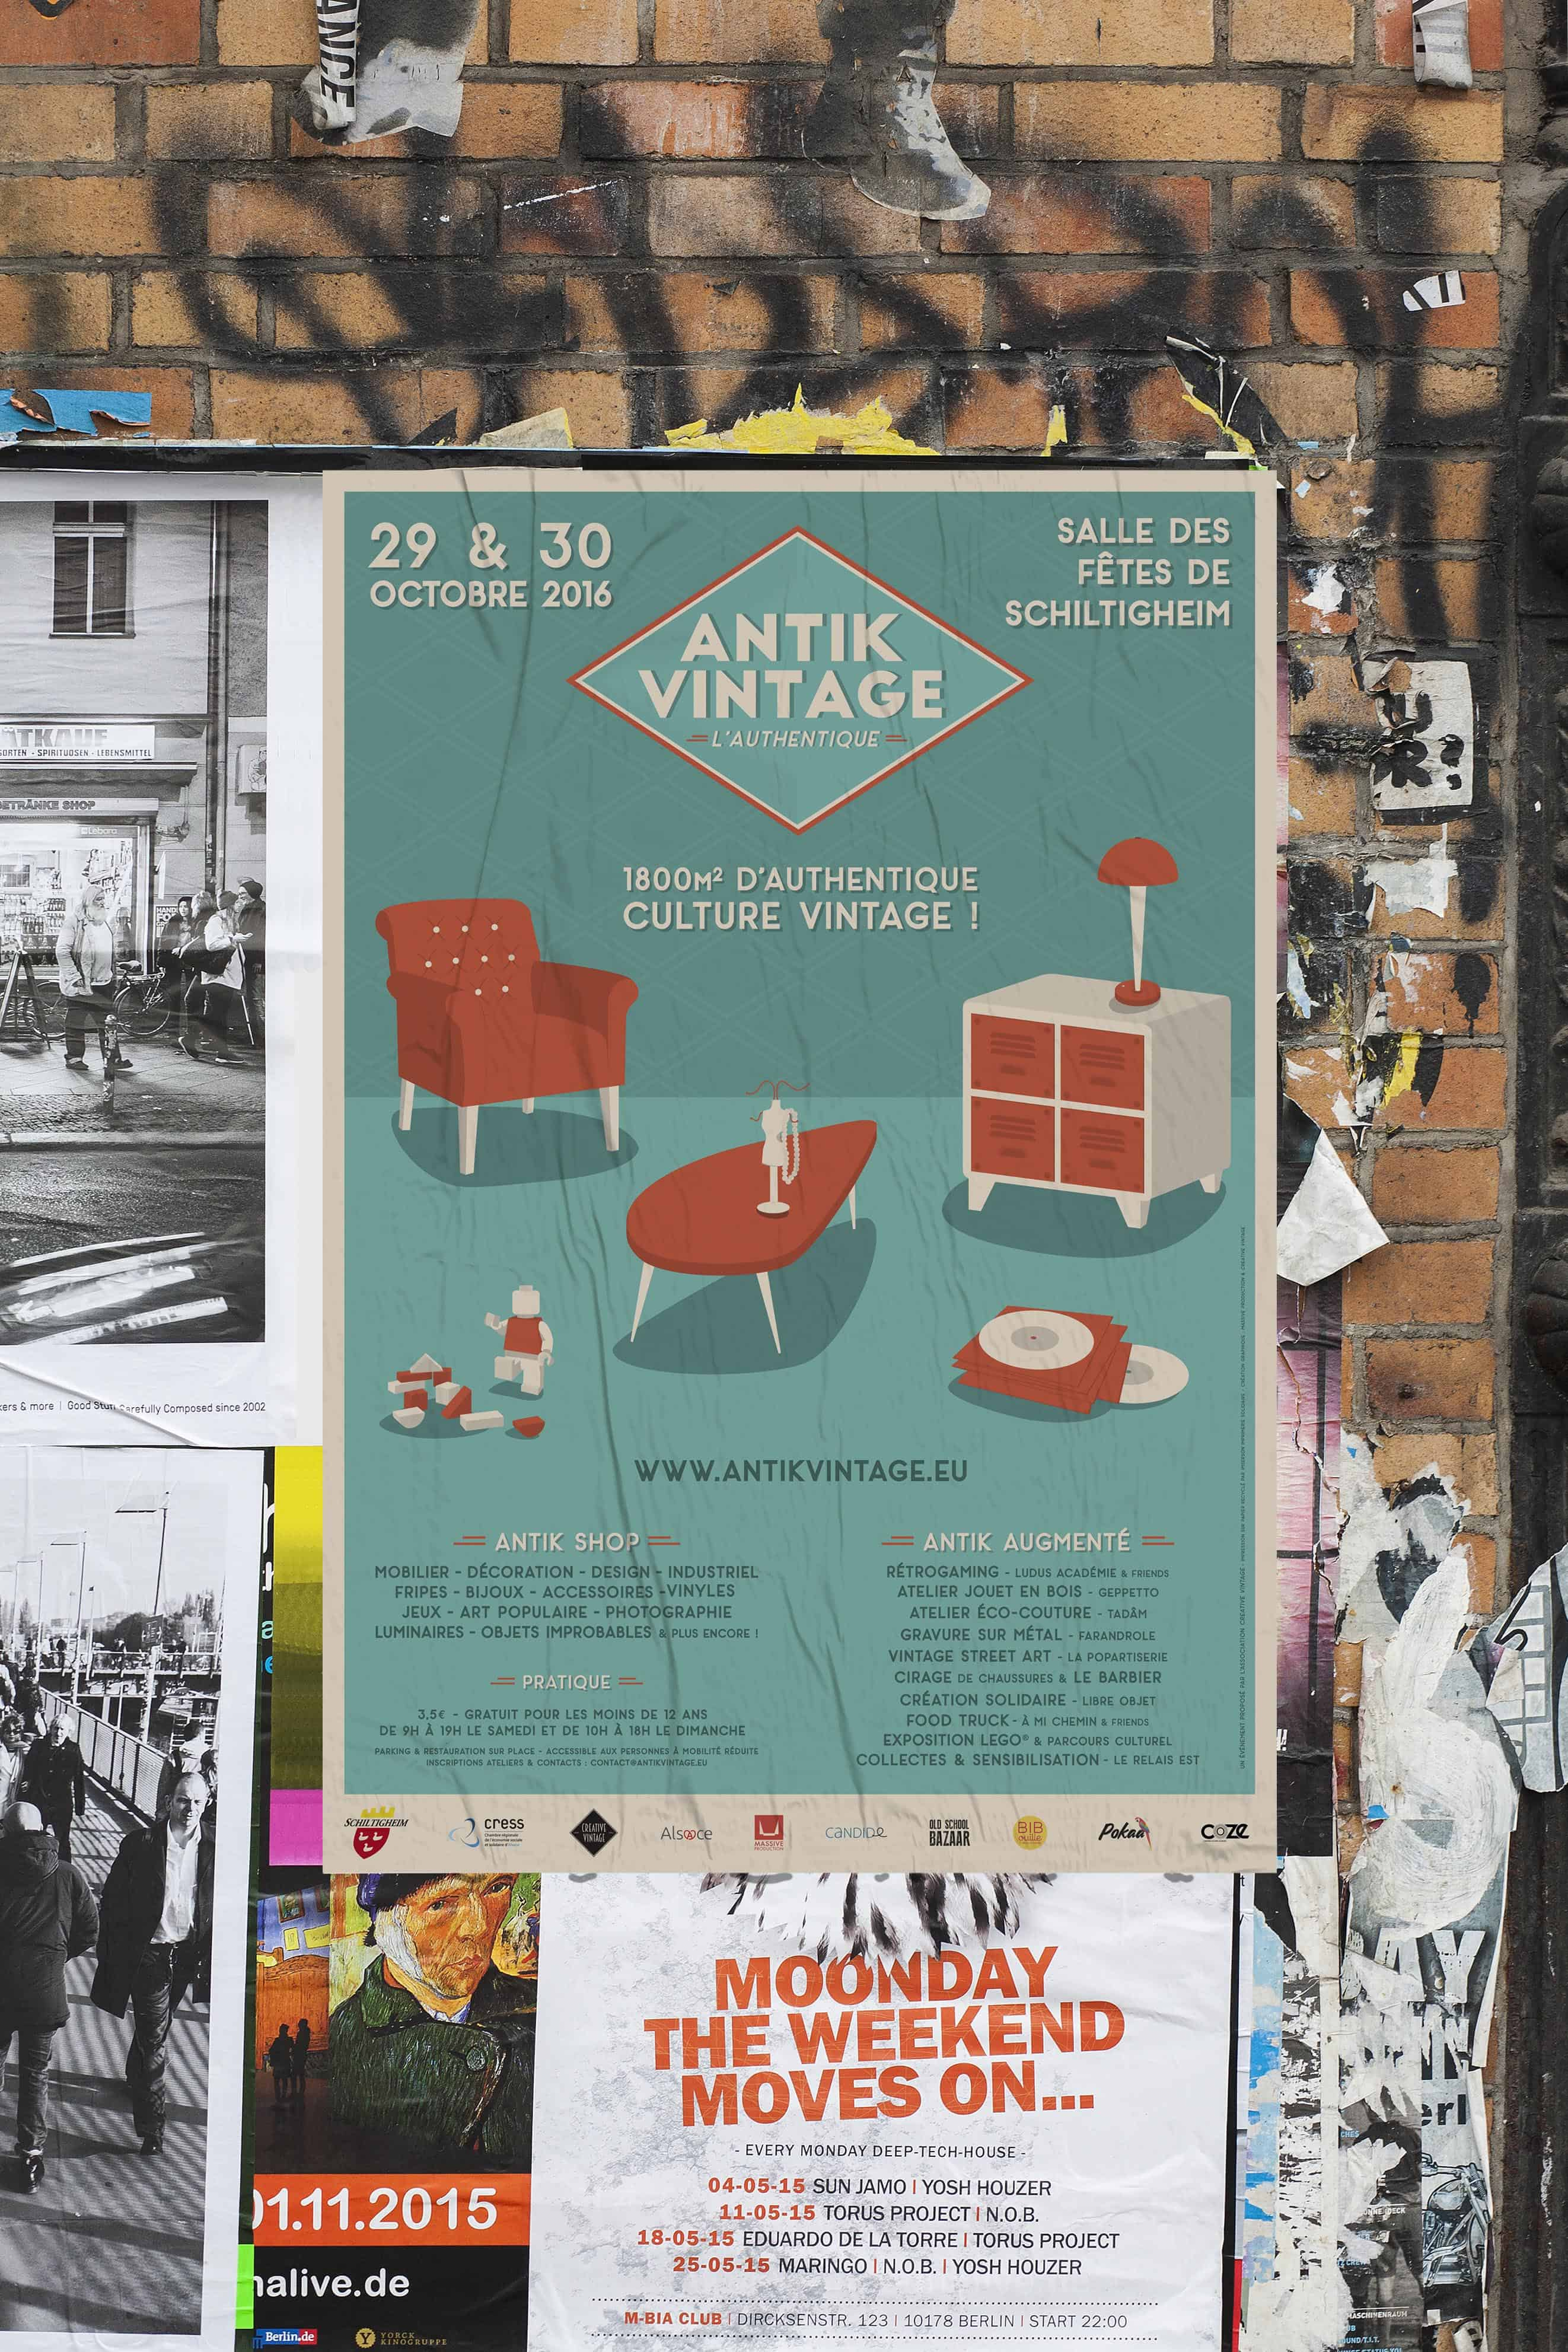 poster-de-rue-illustration-vectorielle-pour-levenement-antik-vintage-sur-strasbourg